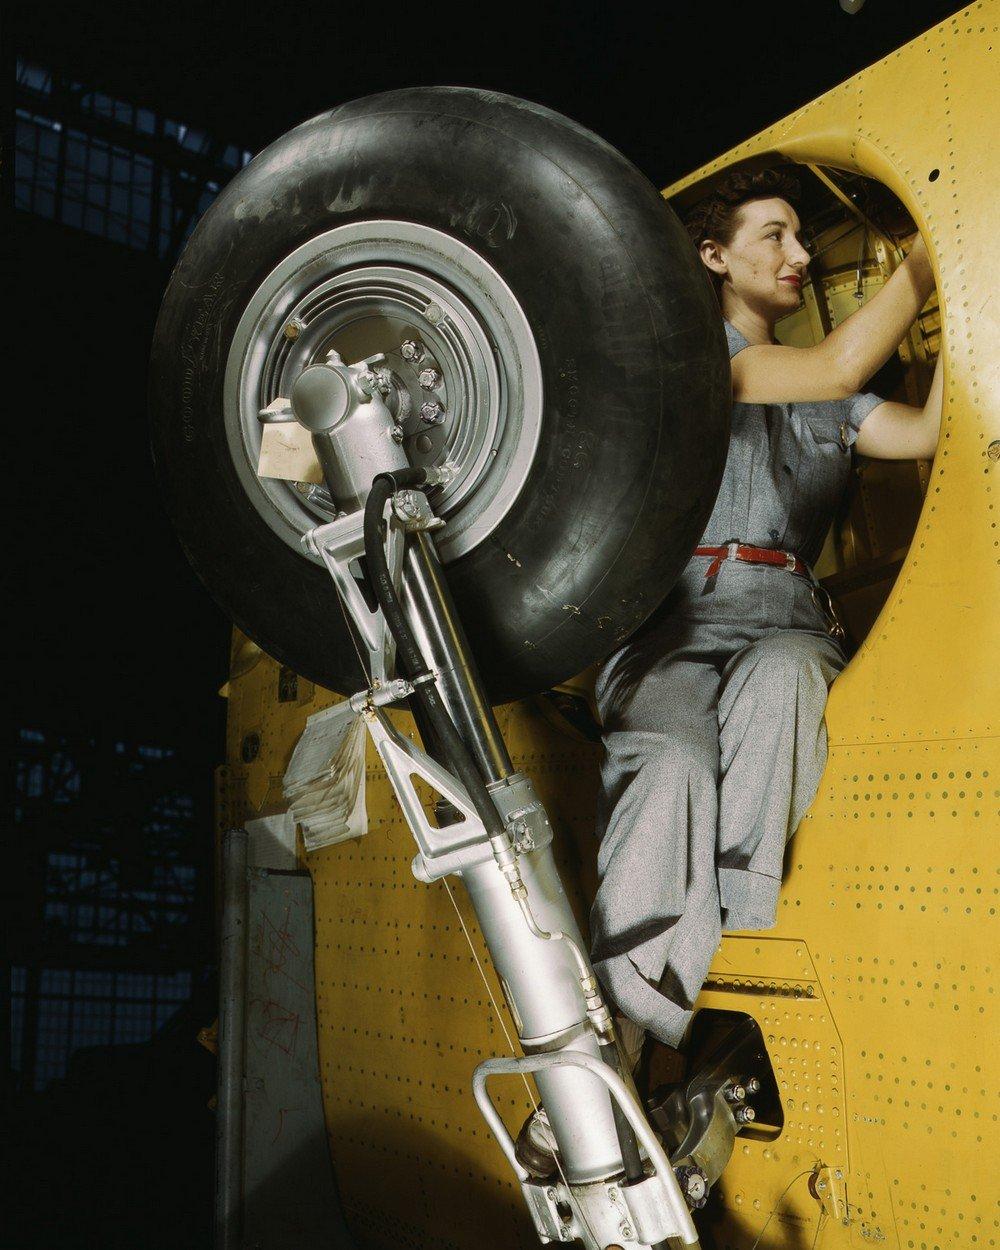 womenworkers-30